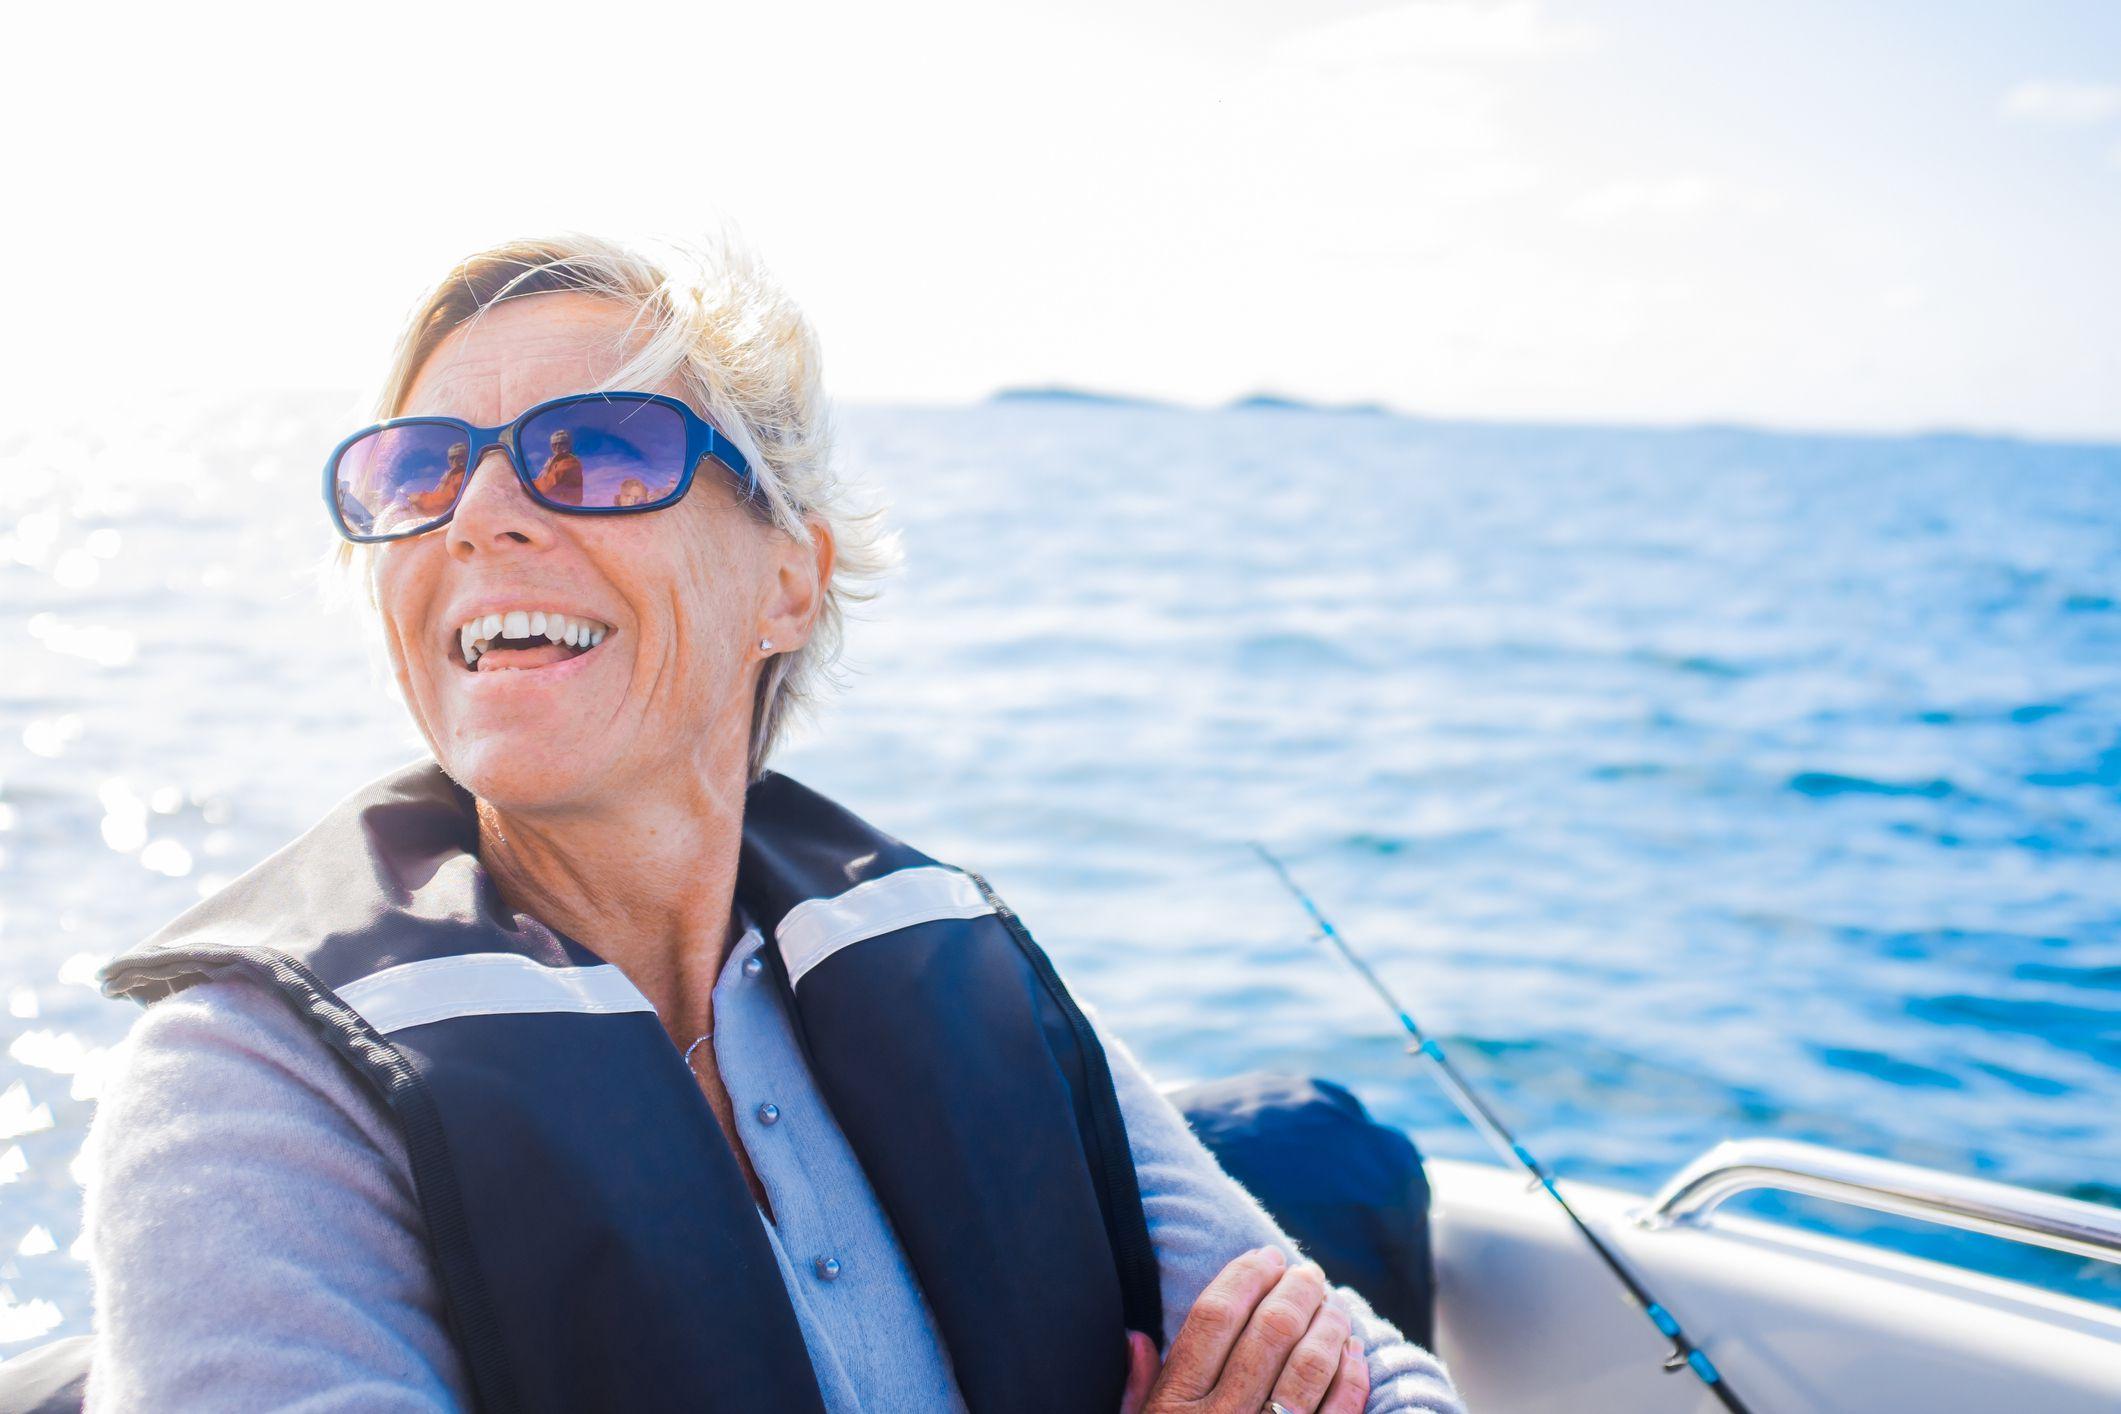 b1a874e4b27 The 8 Best Fishing Sunglasses of 2019